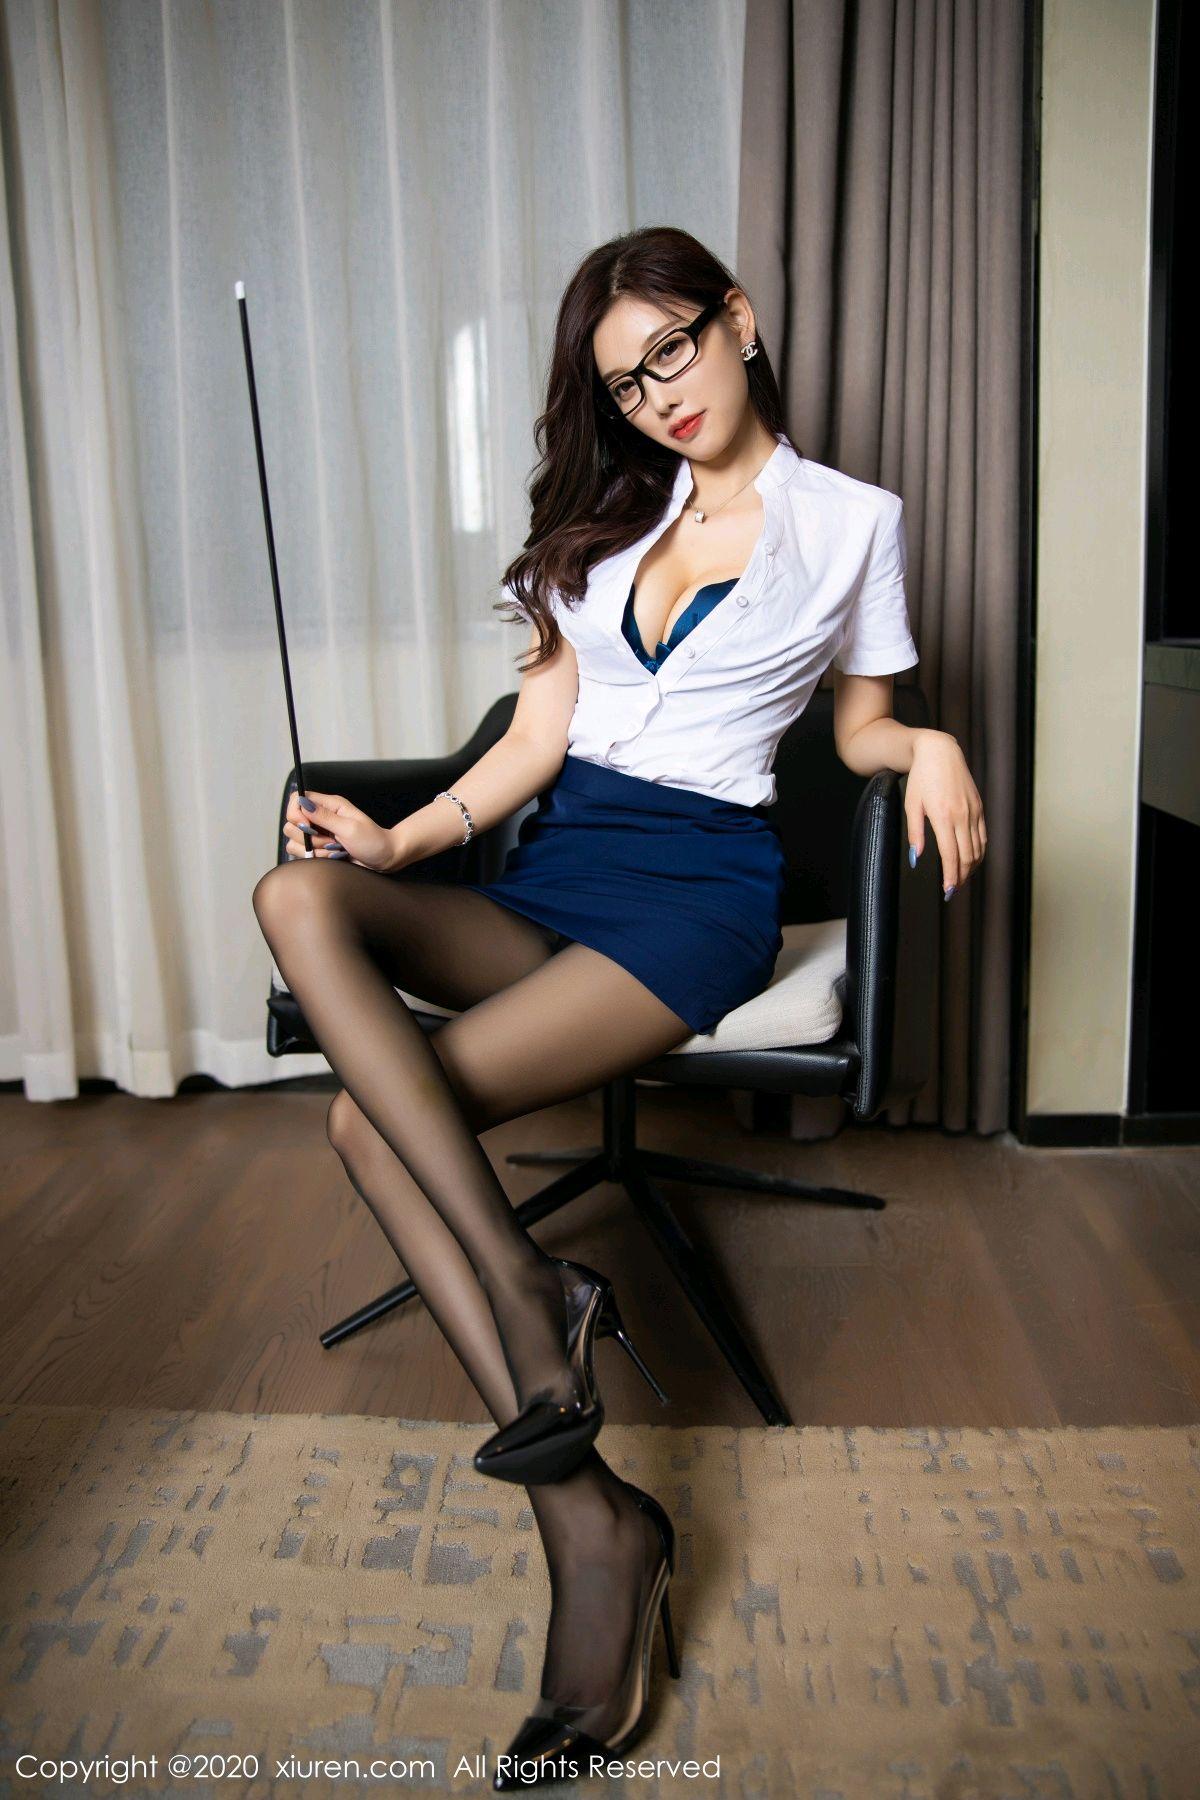 [XiuRen] Vol.2541 Yang Chen Chen 30P, Black Silk, Tall, Uniform, Xiuren, Yang Chen Chen